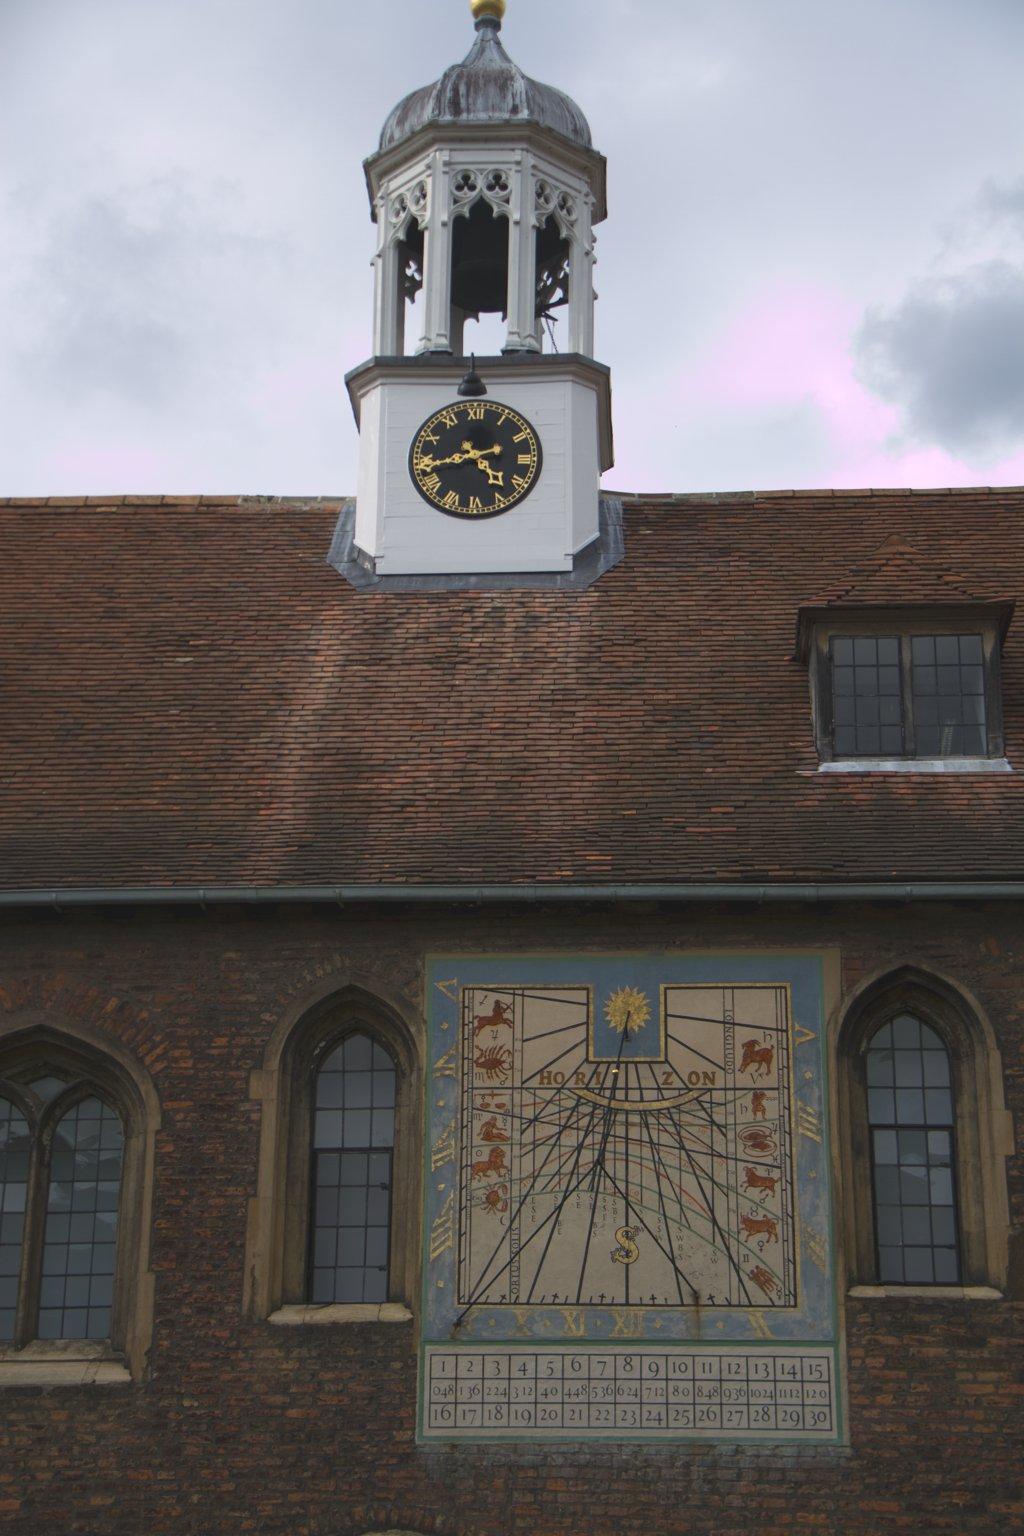 Cambridge College Turm Uhr Sonnenuhr